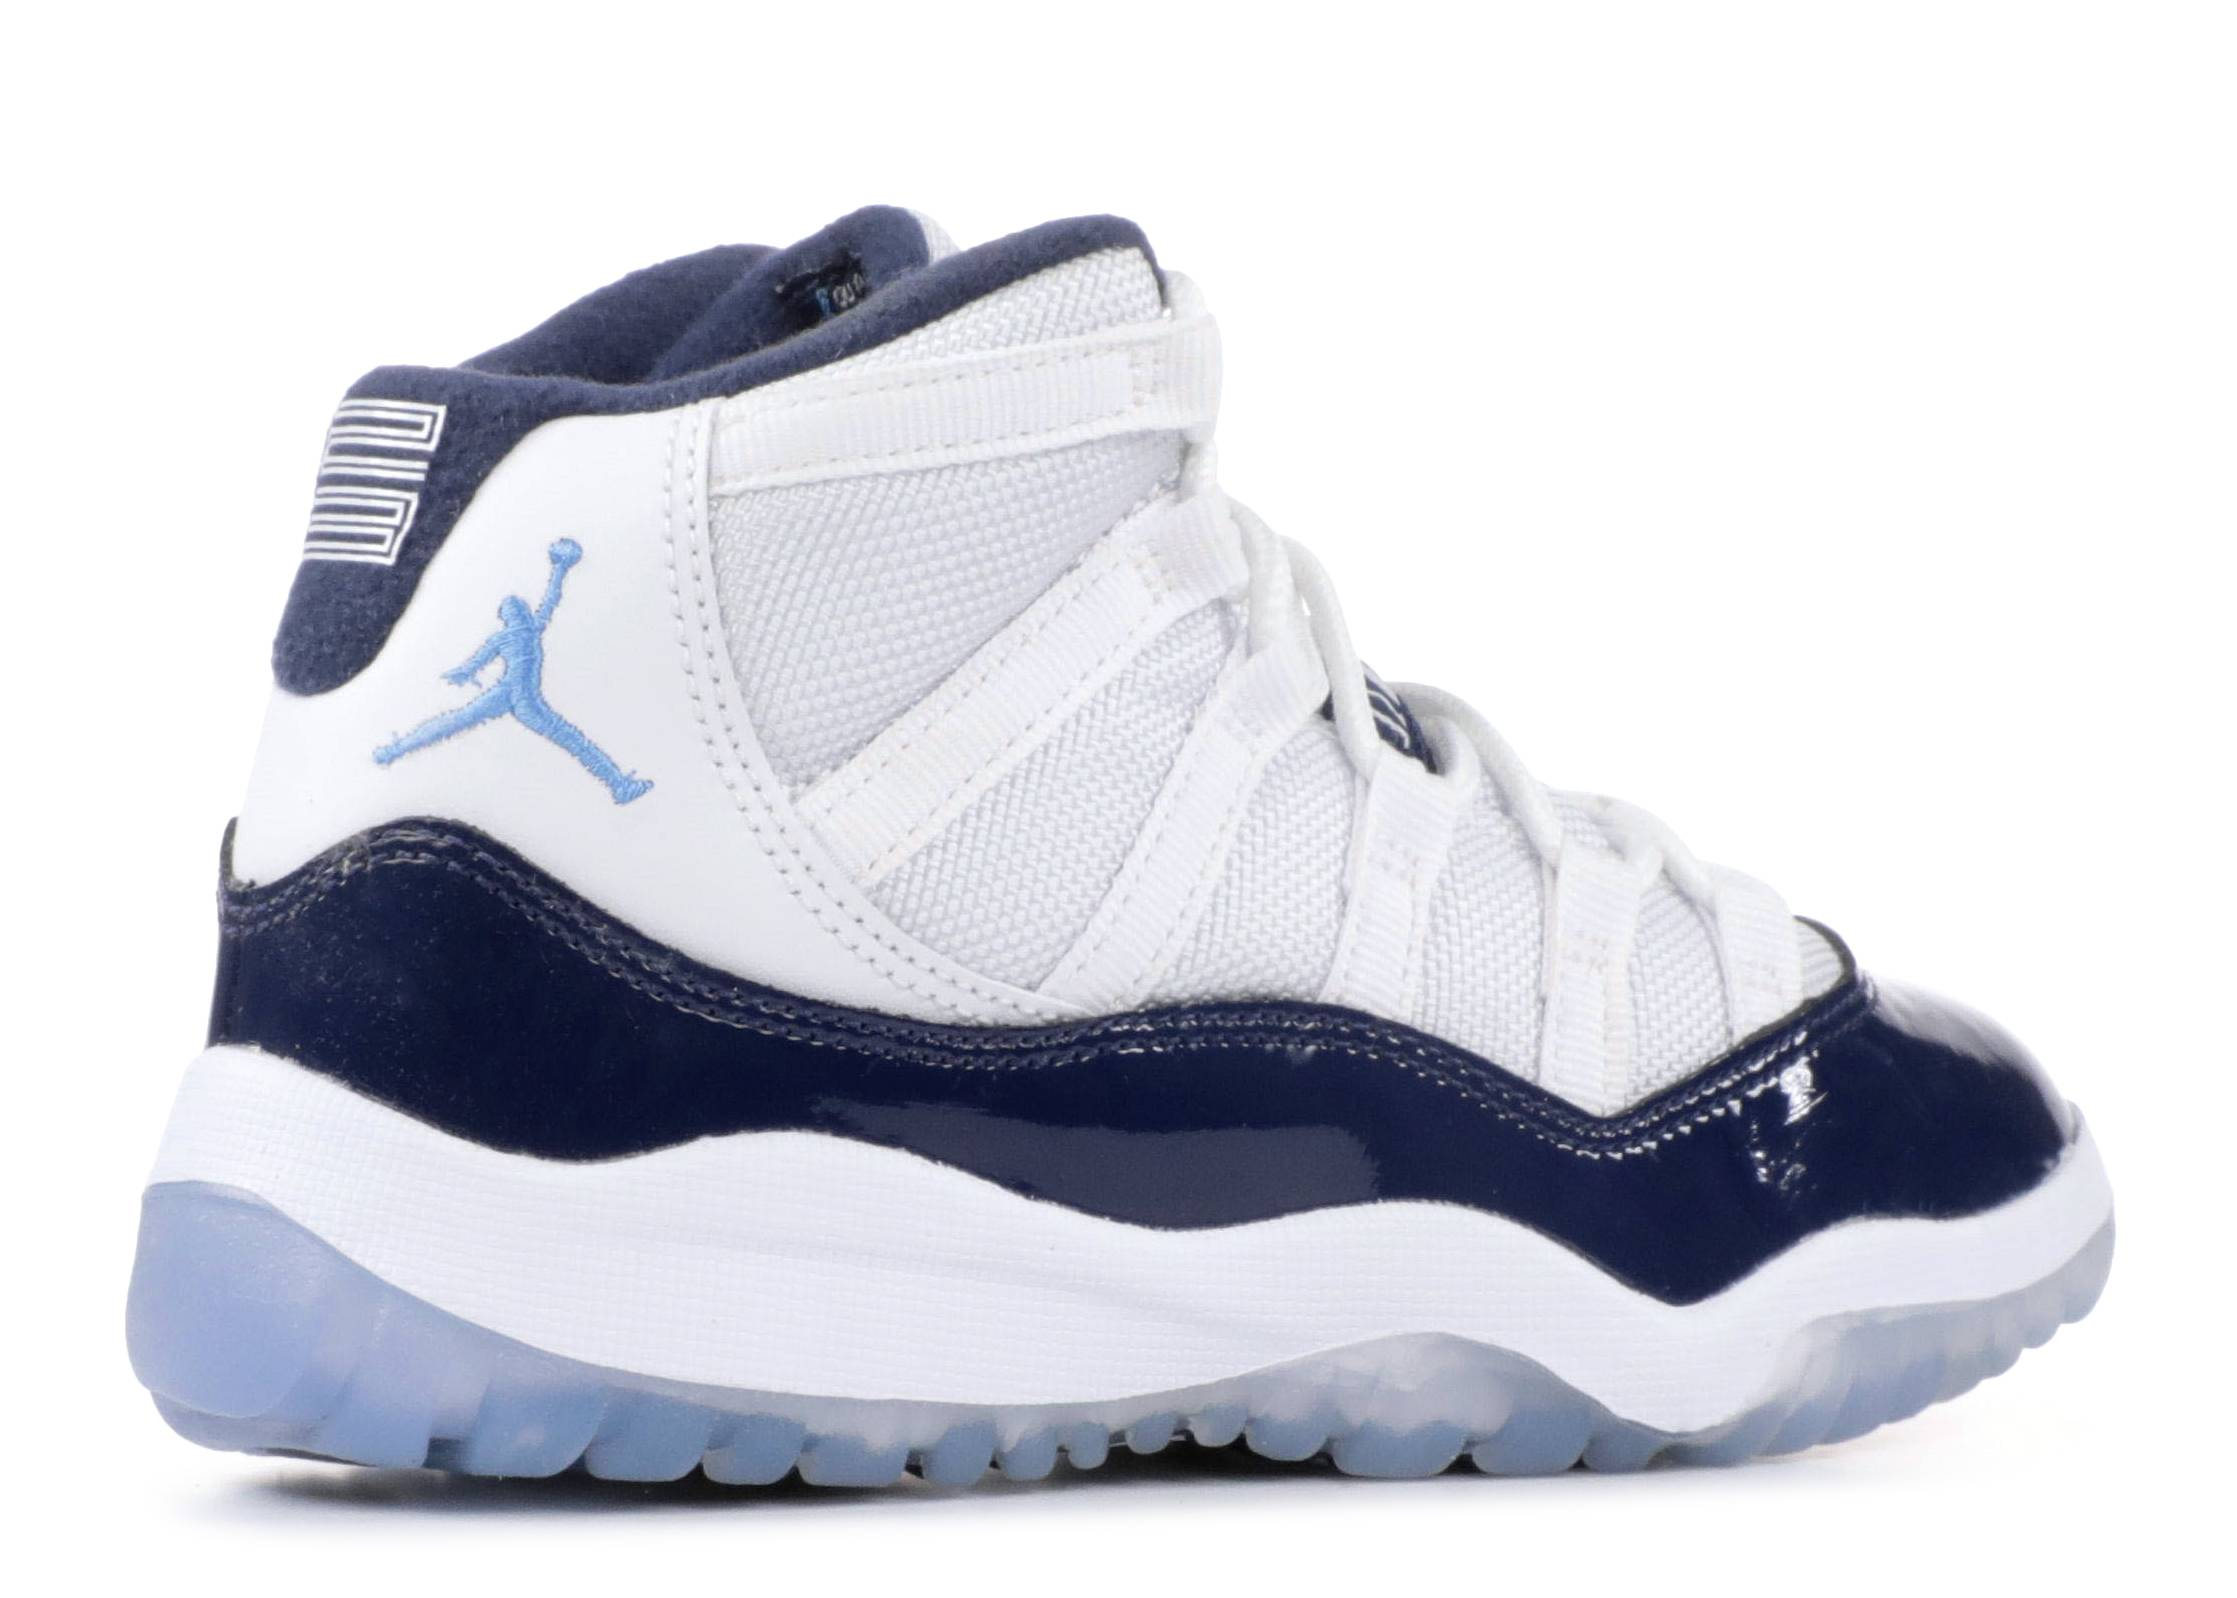 2a2d5af217e016 Air Jordan 11 Retro BP